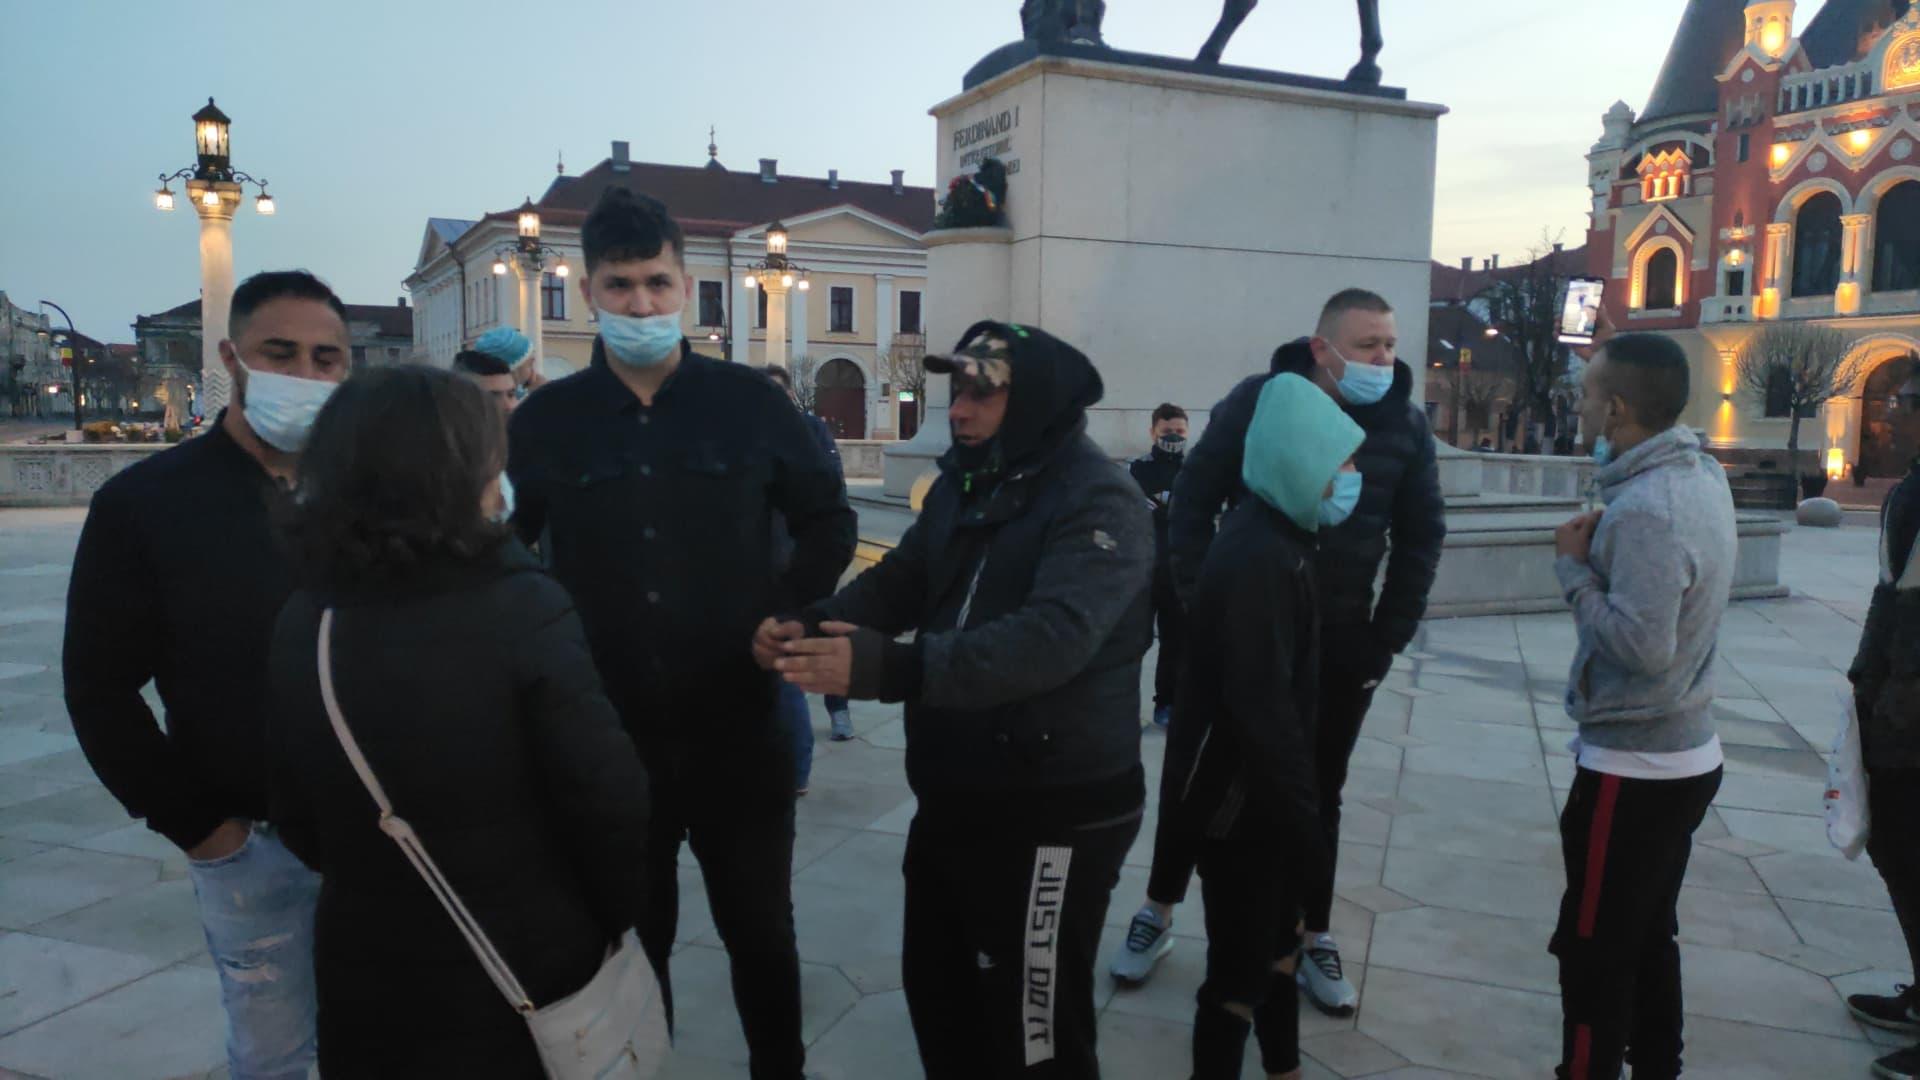 FOTO: Protest restricții covid-19 în Oradea 05.04.2021